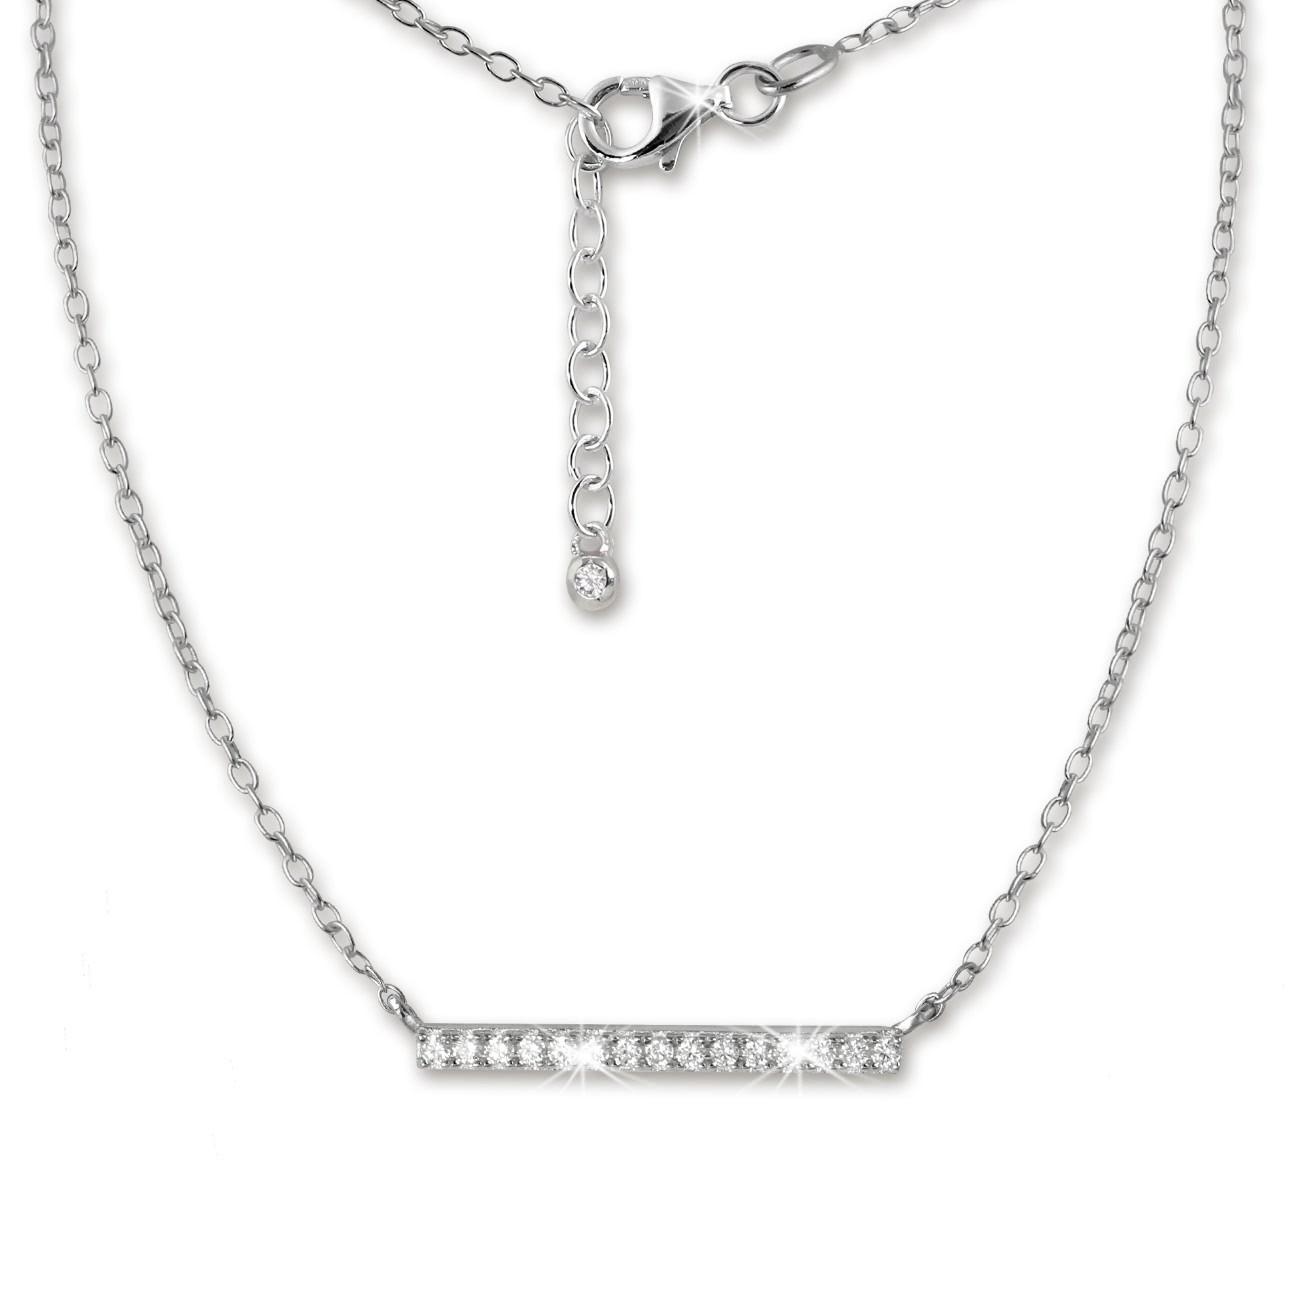 SilberDream Kette Glamour Zirkonia weiß 925er Silber 42-45cm Halskette GSK404W